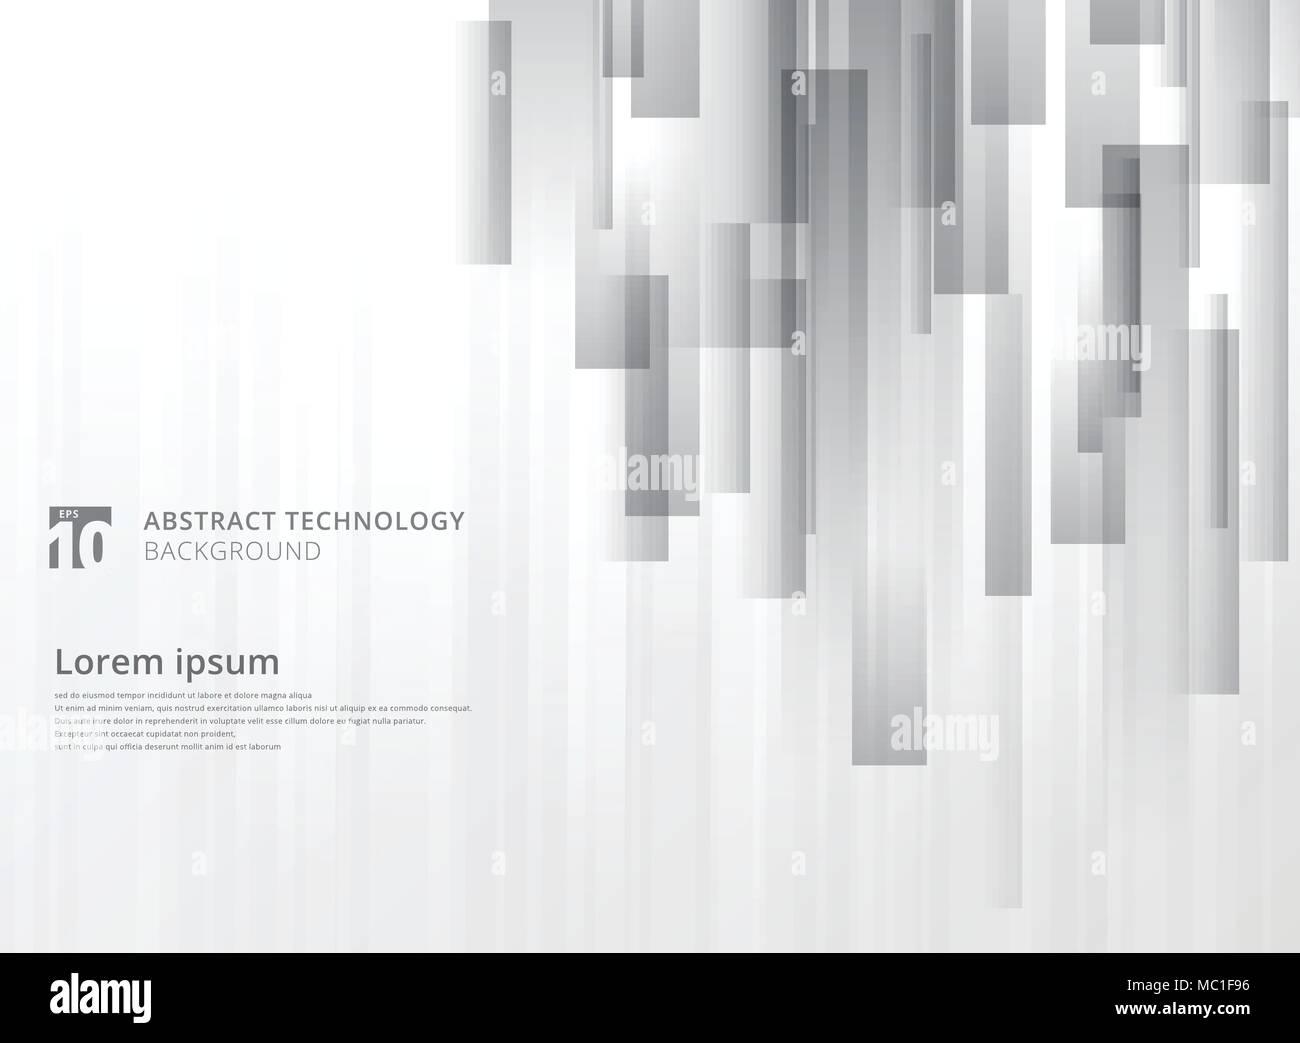 Tecnología abstracto geométrico de superposición vertical forma cuadrados color gris sobre fondo blanco con espacio de copia. Gráfico vectorial ilustración Imagen De Stock